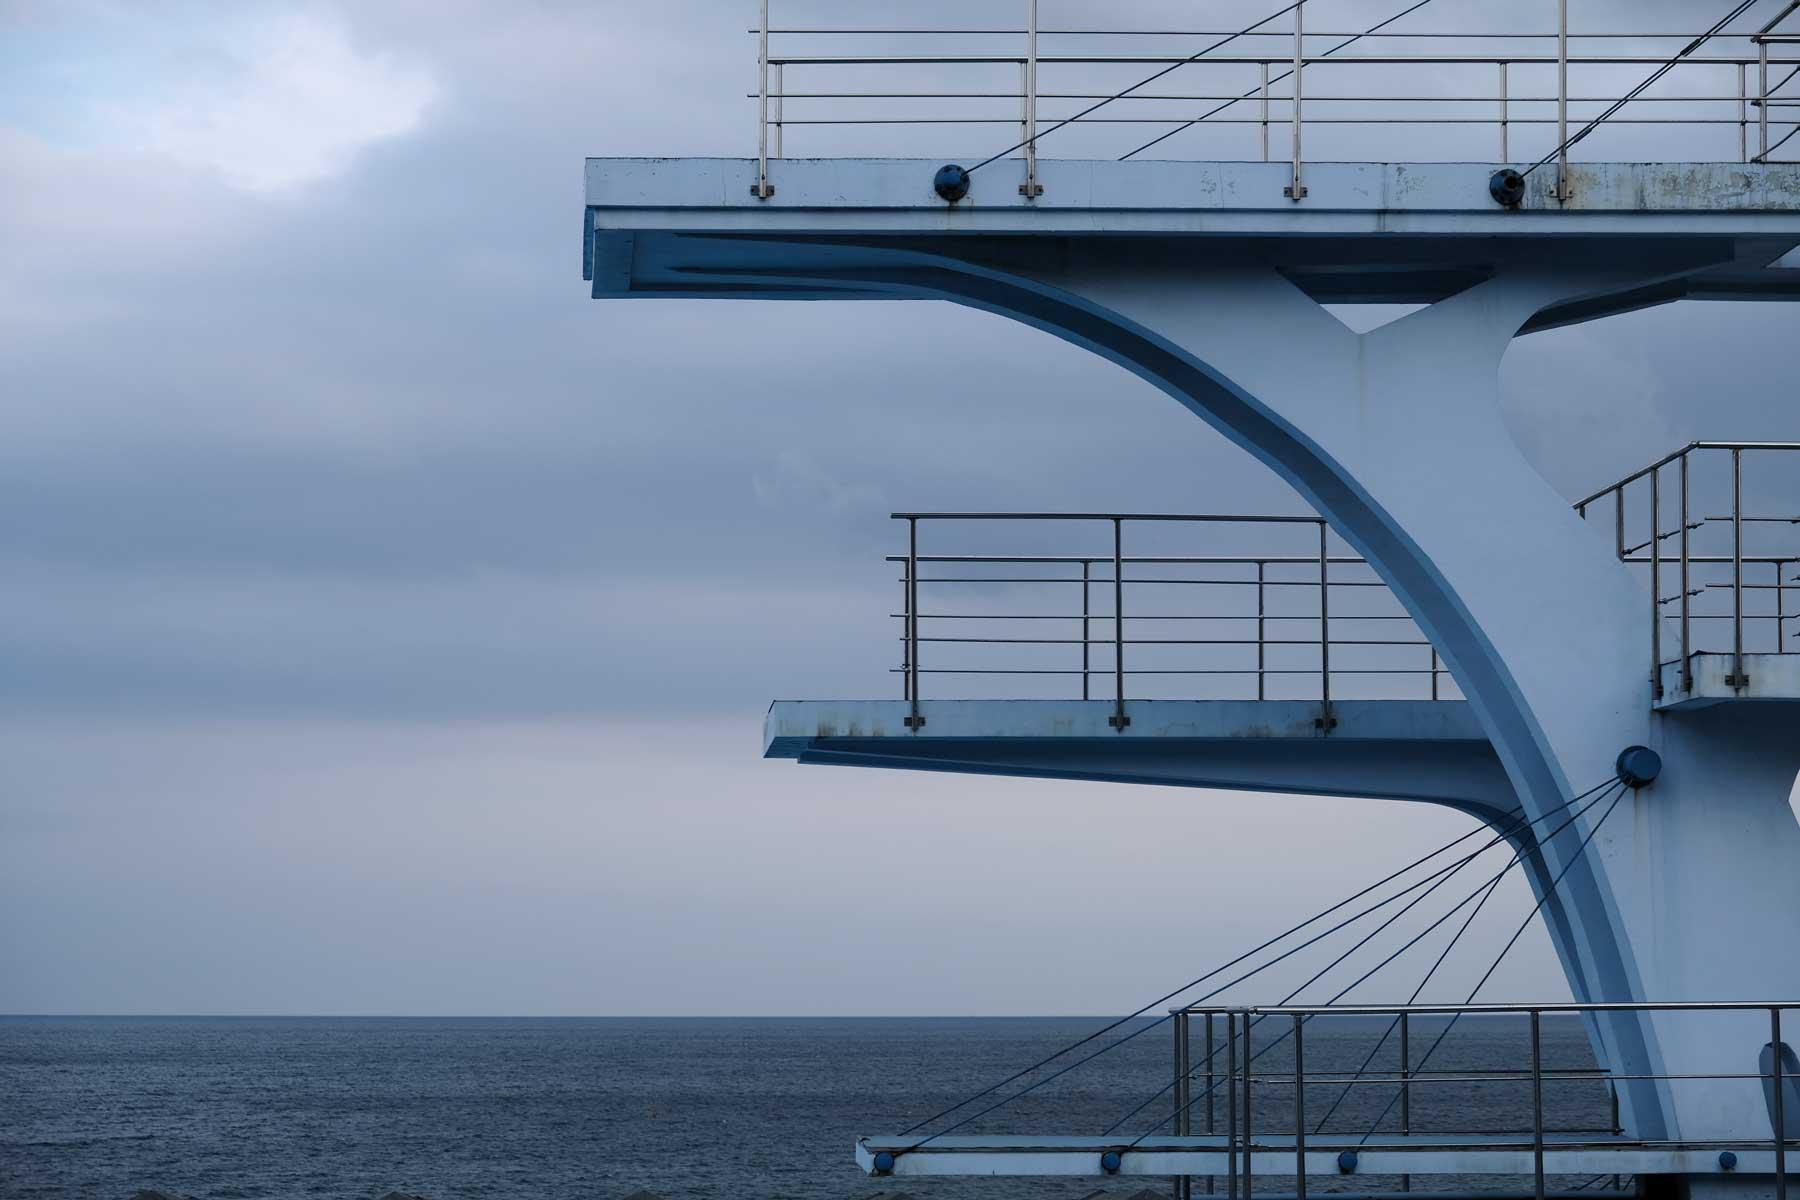 Sprungtürme eines Freibads mit Blick aufs Meer